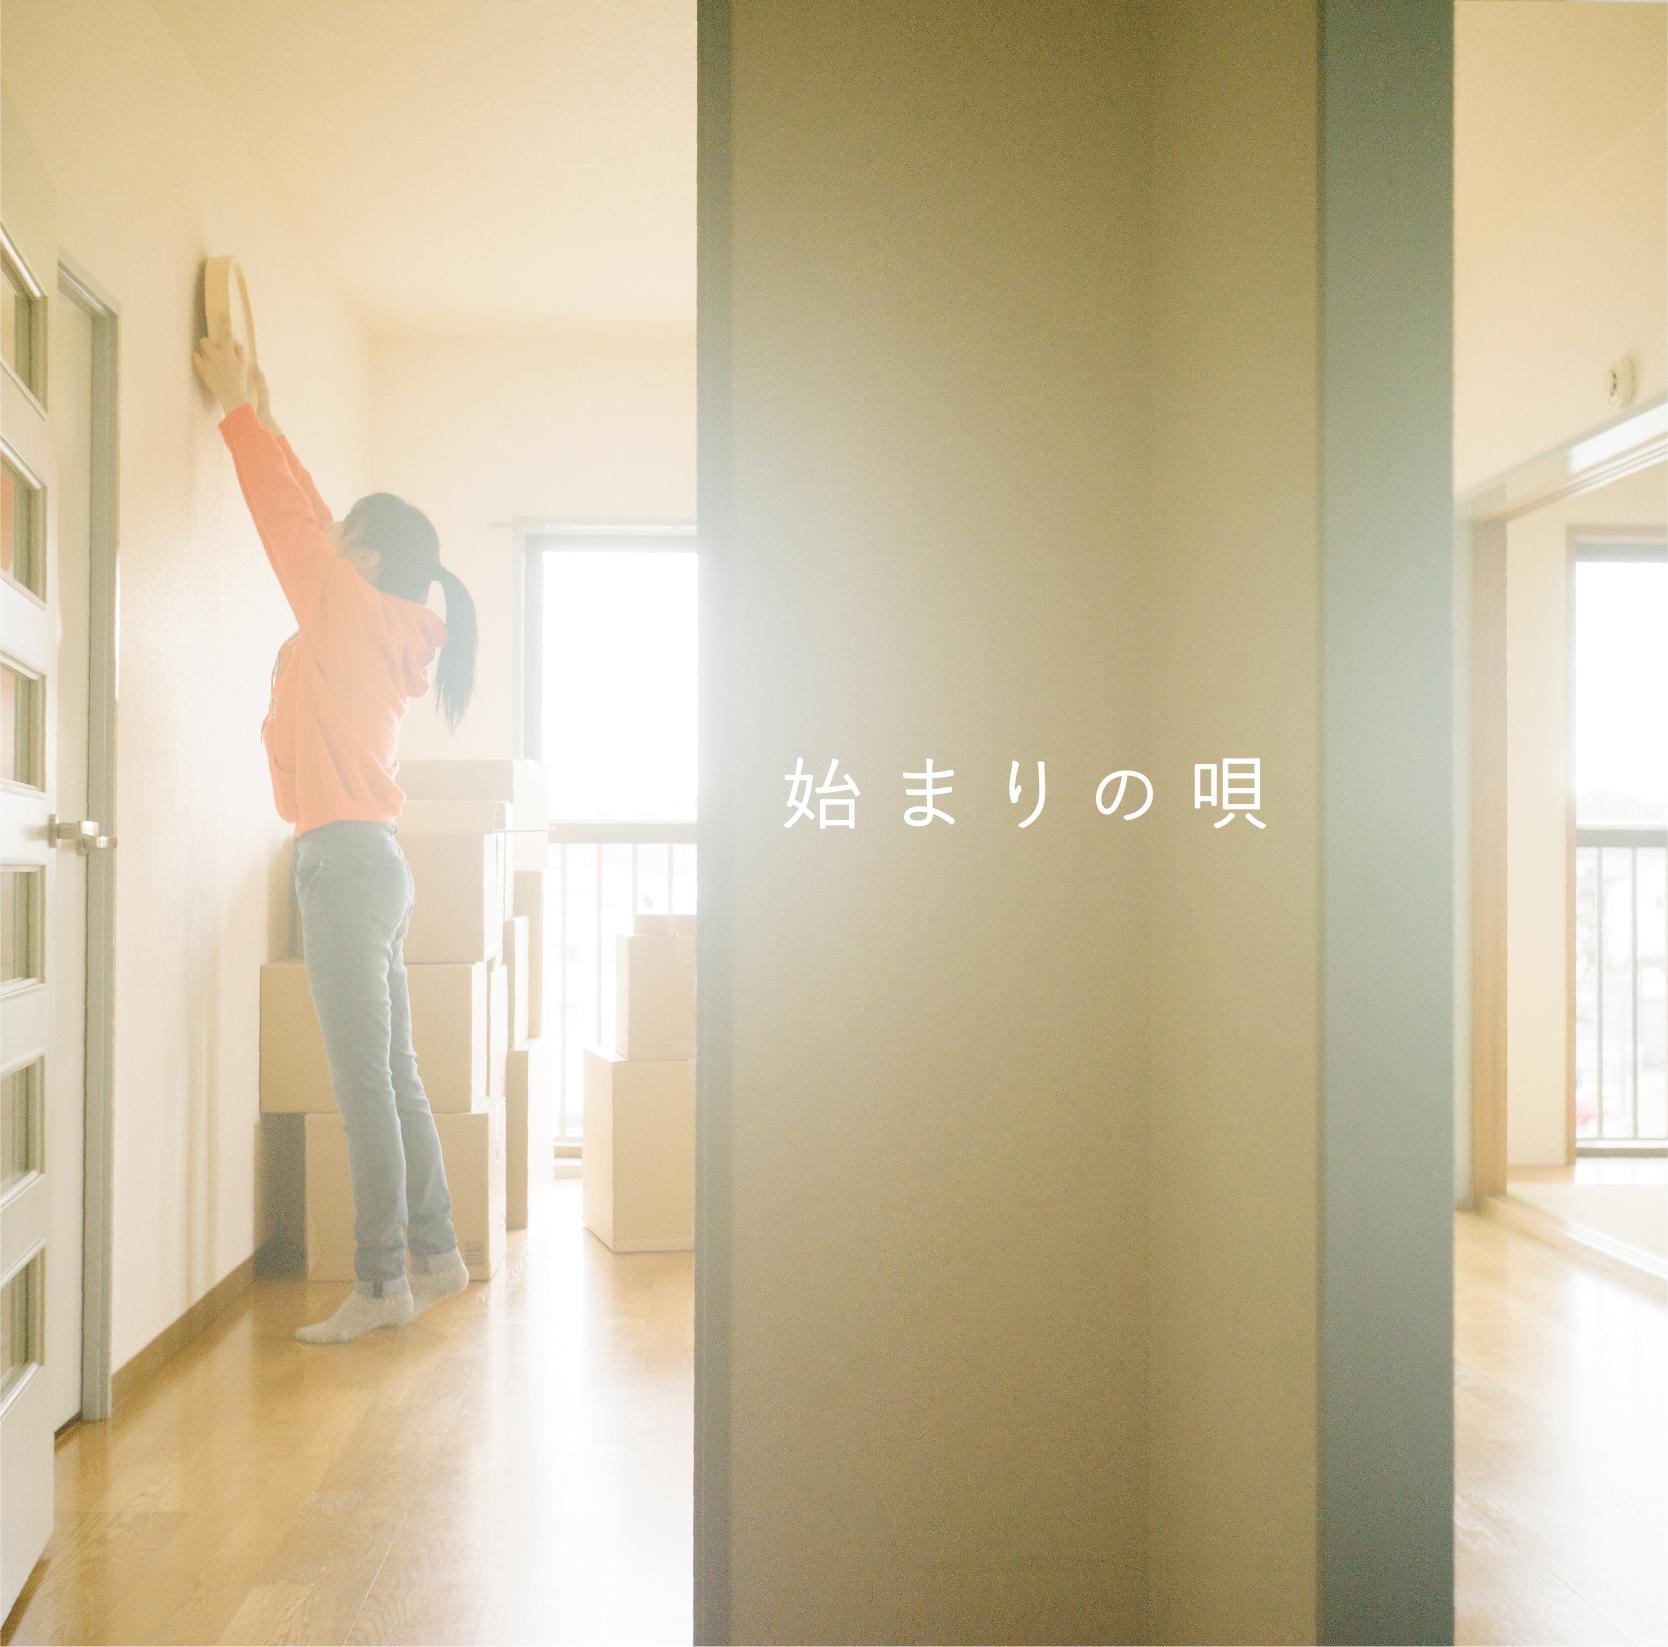 始まりの唄_0225_5